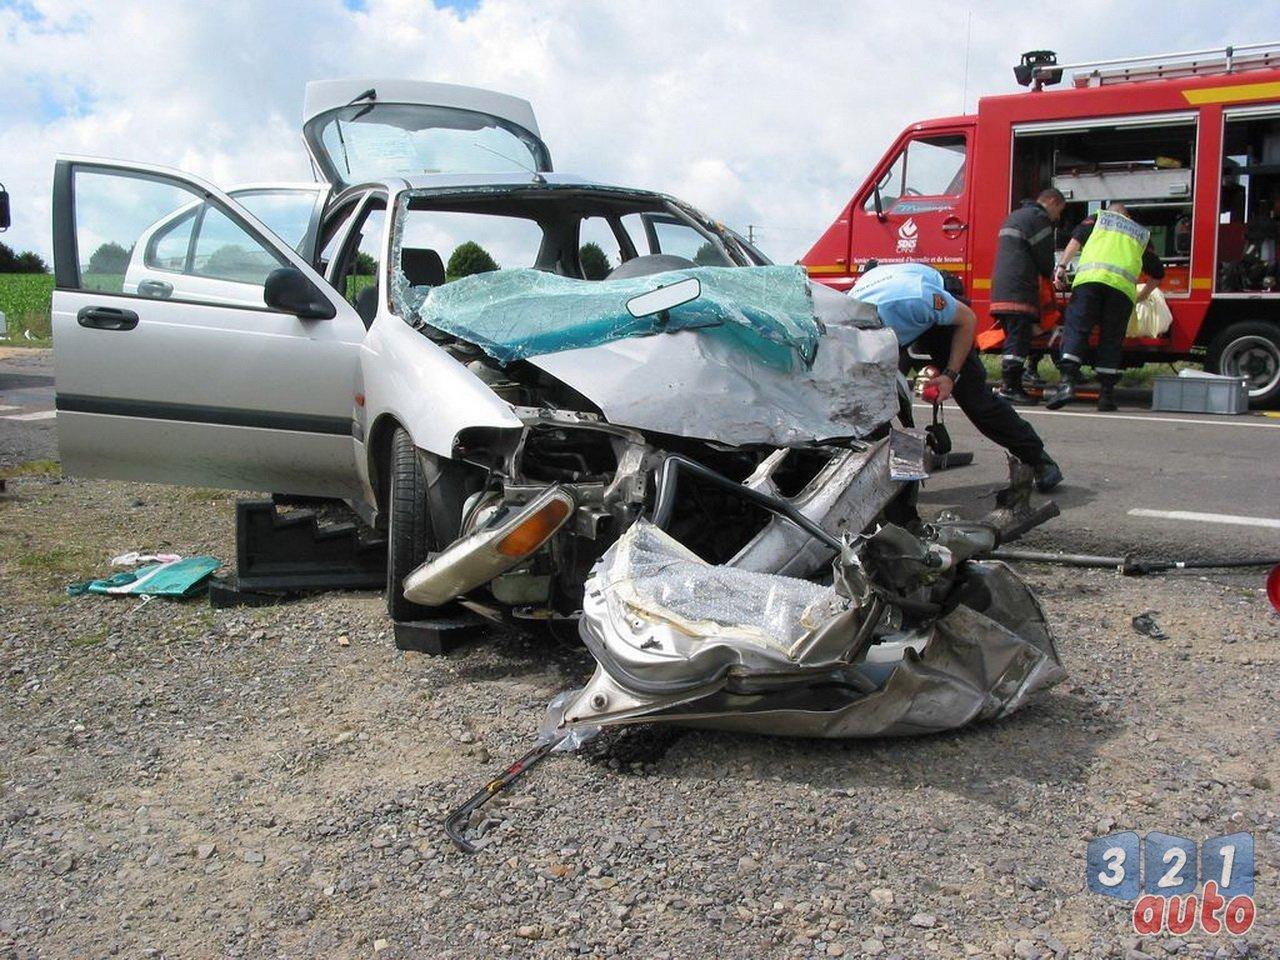 Sécurité routière : baisse de 15,1% de la mortalité routière au 1er semestre 2013